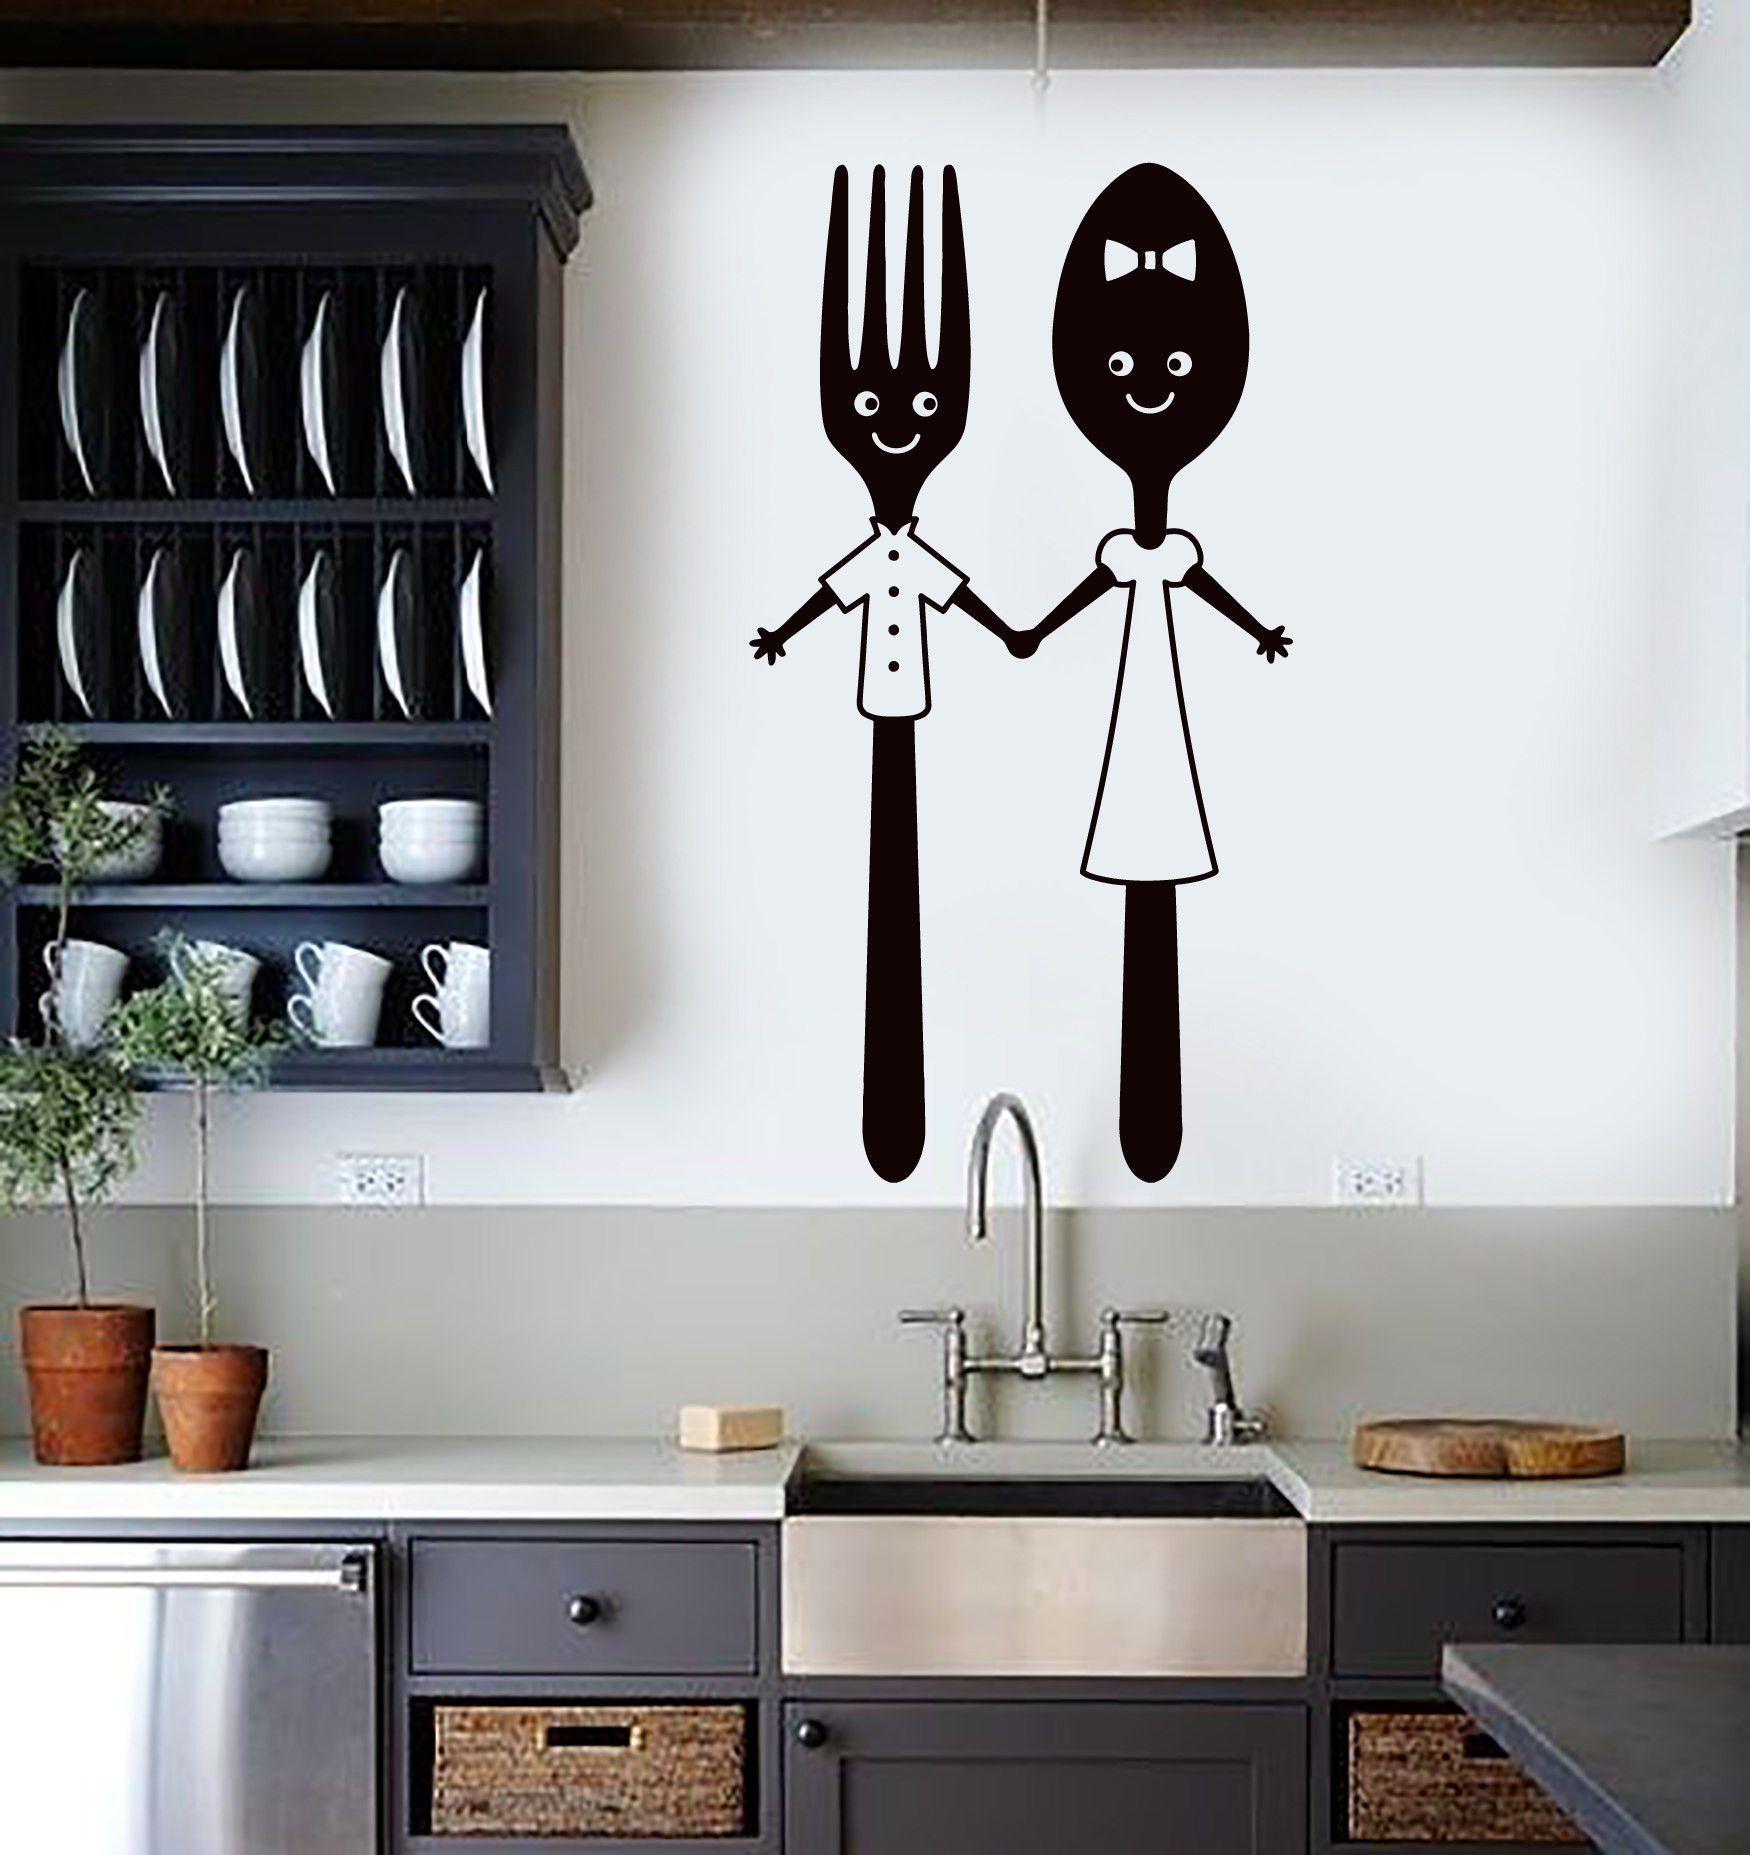 vinyl wall decor kitchen